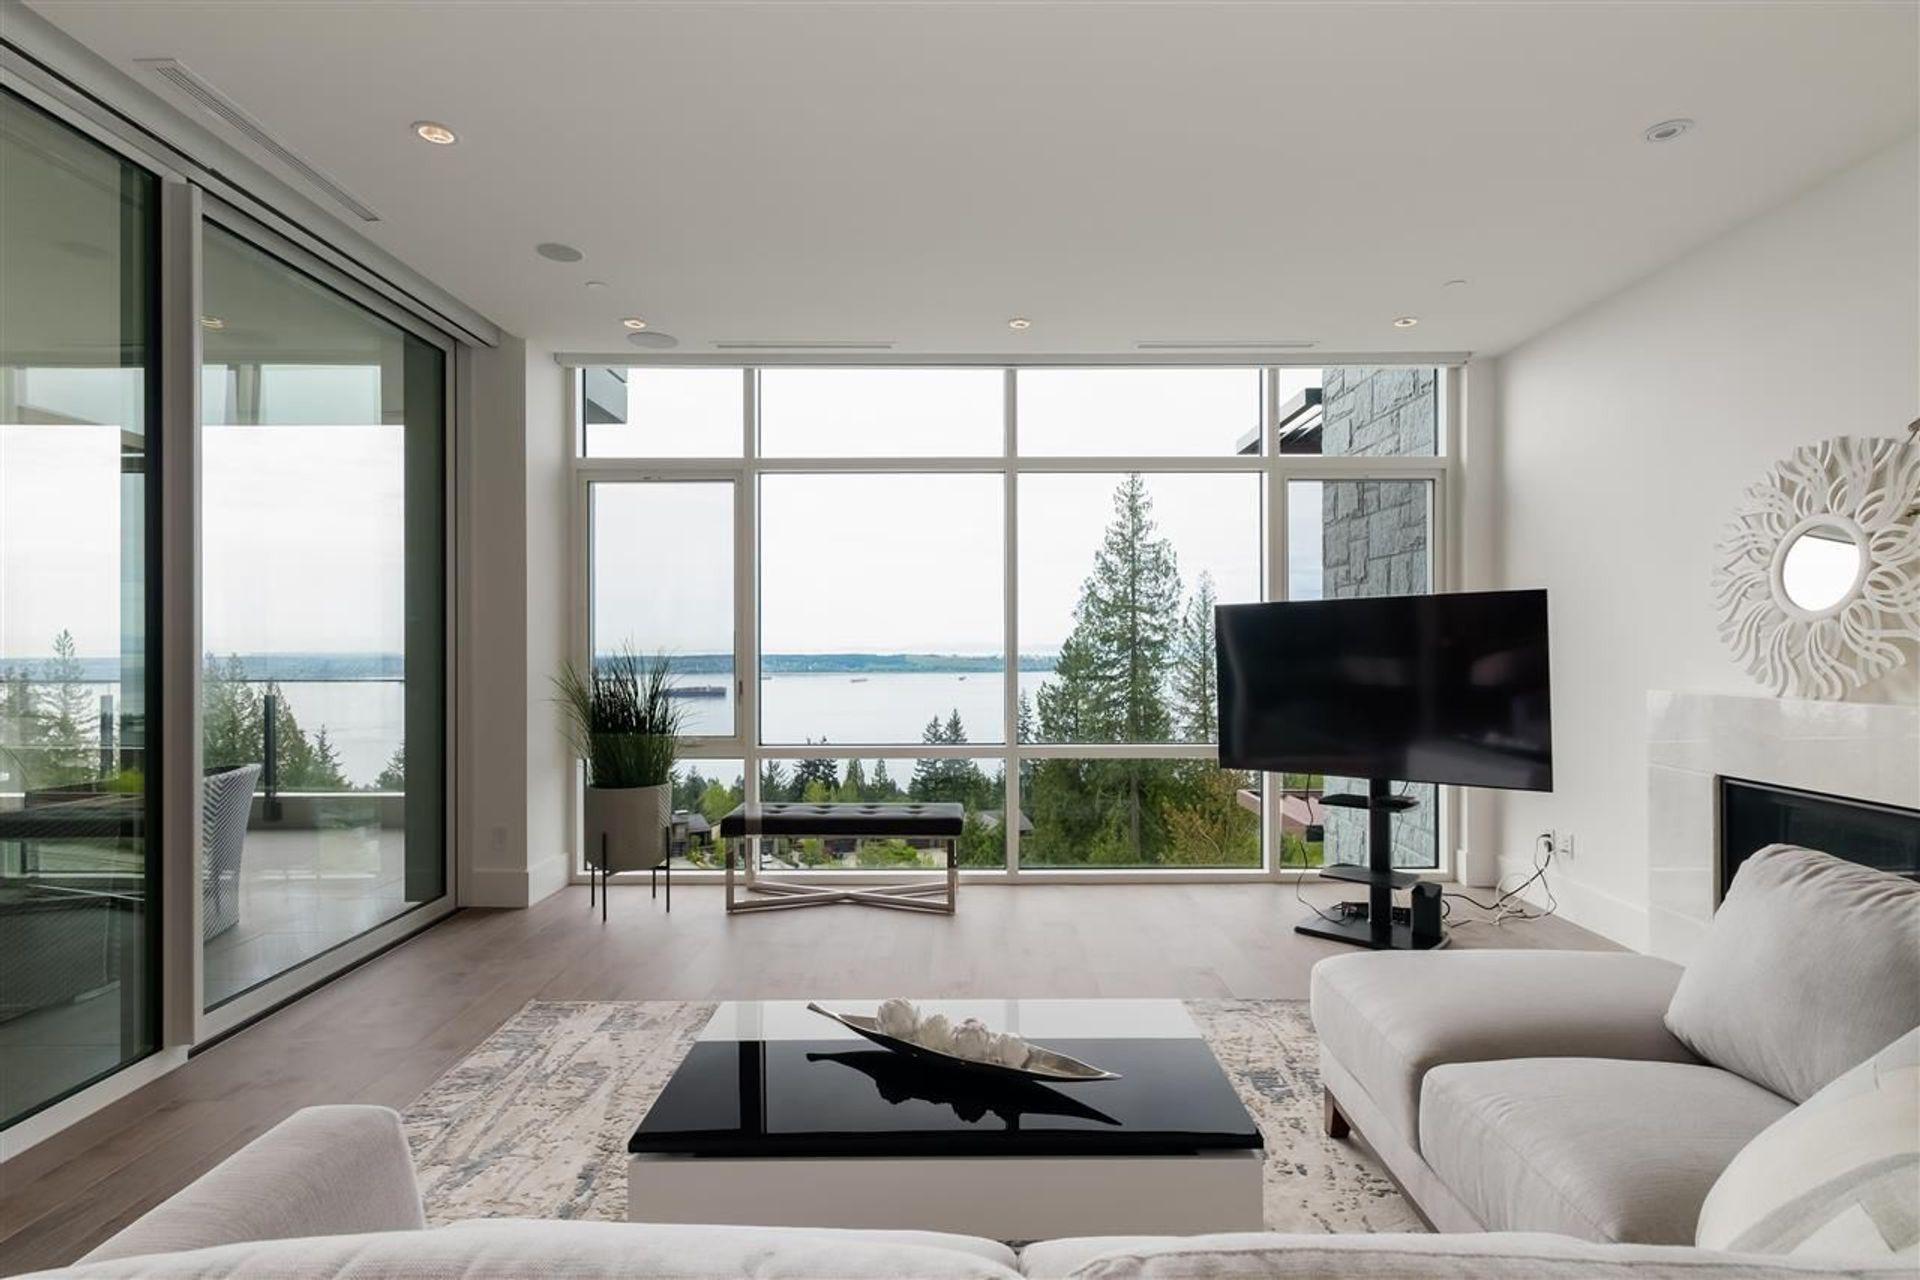 2958-burfield-place-cypress-park-estates-west-vancouver-10 at 302 - 2958 Burfield Place, Cypress Park Estates, West Vancouver